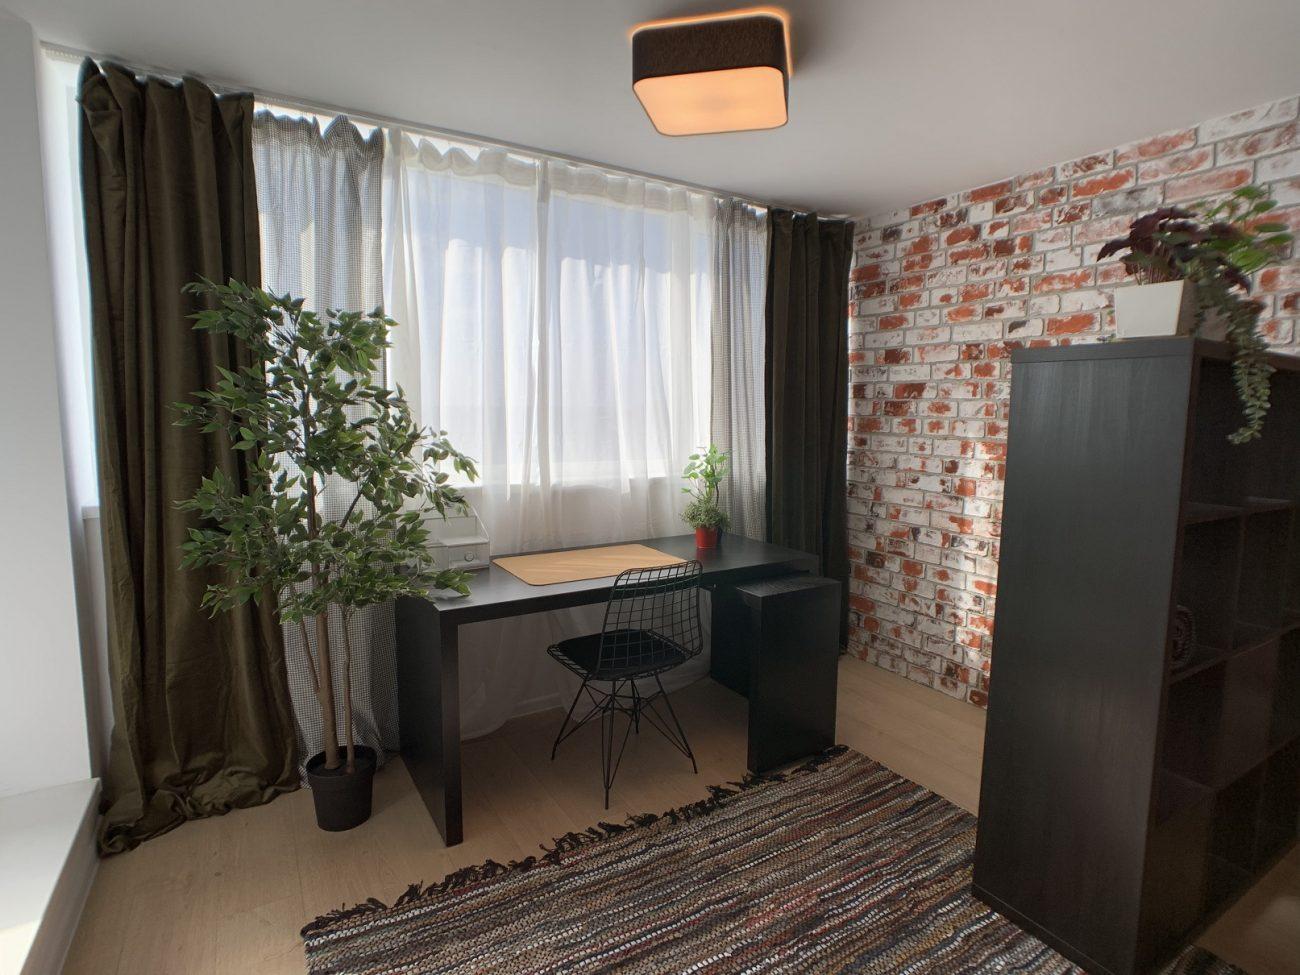 amenajare apartament cu biroul de acasa